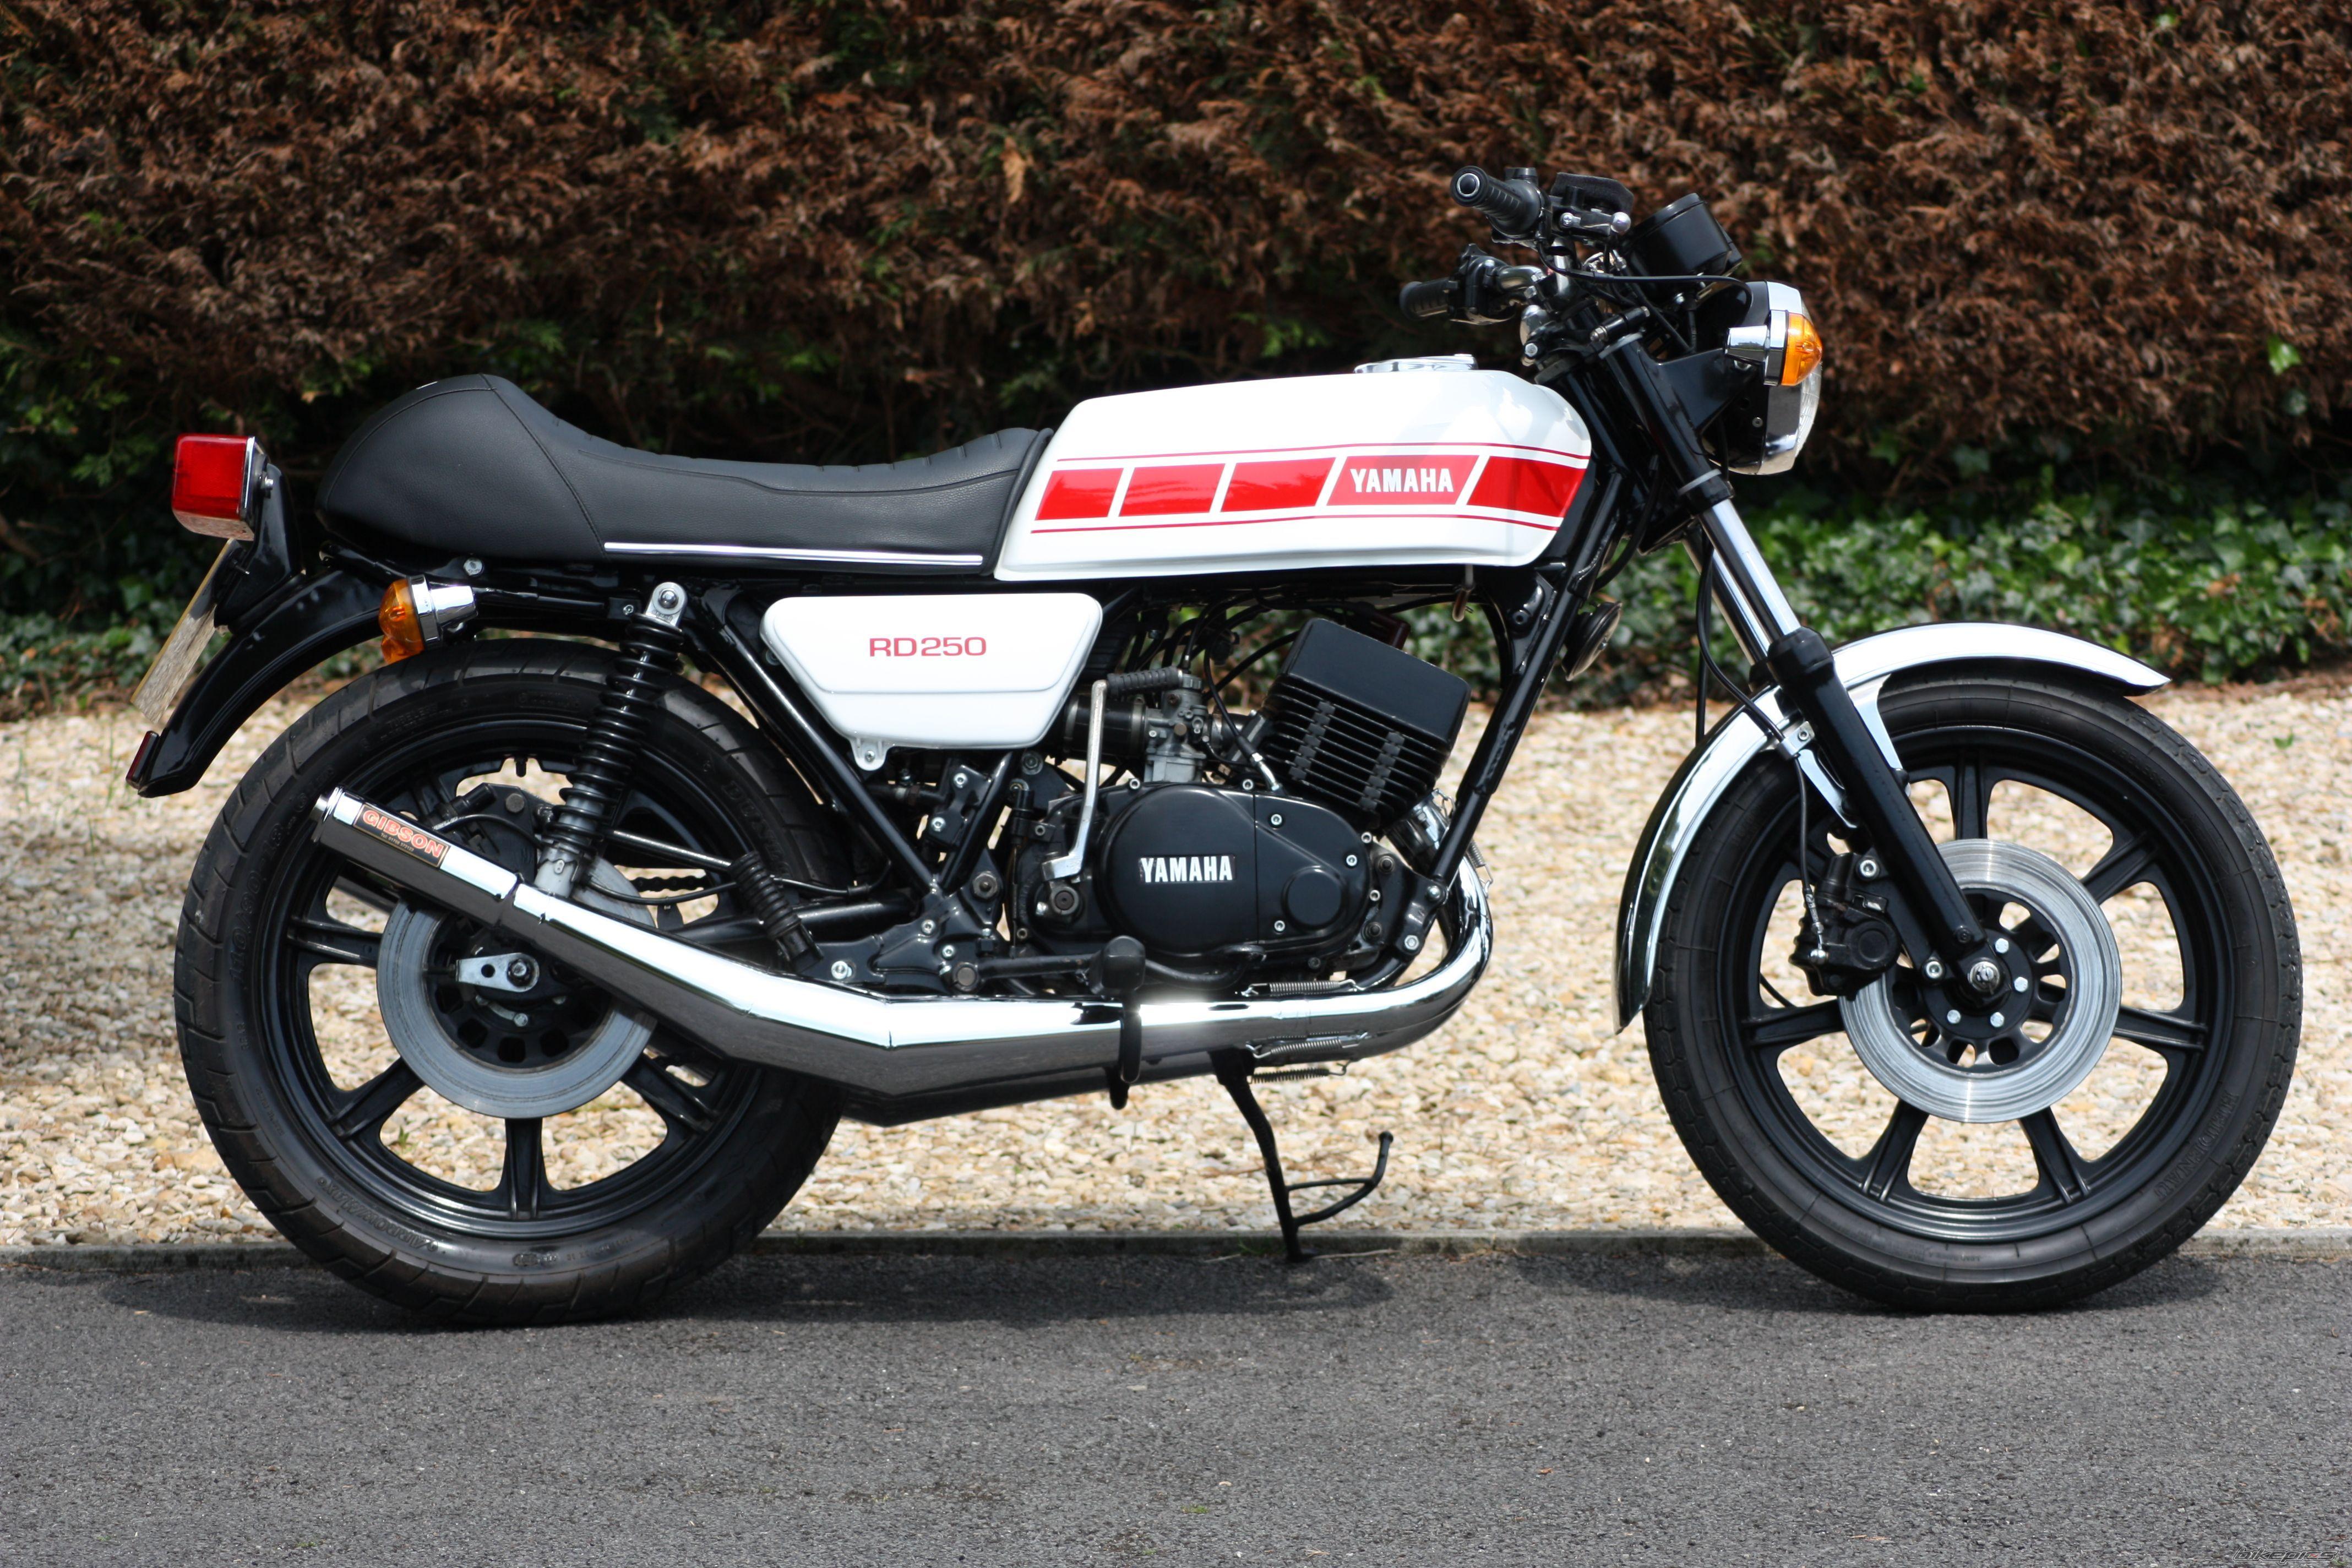 1978 Custom Yamaha RD250 Japanese Motorcycle, Motorcycle Art, Yamaha Rx100,  Cool Motorcycles,